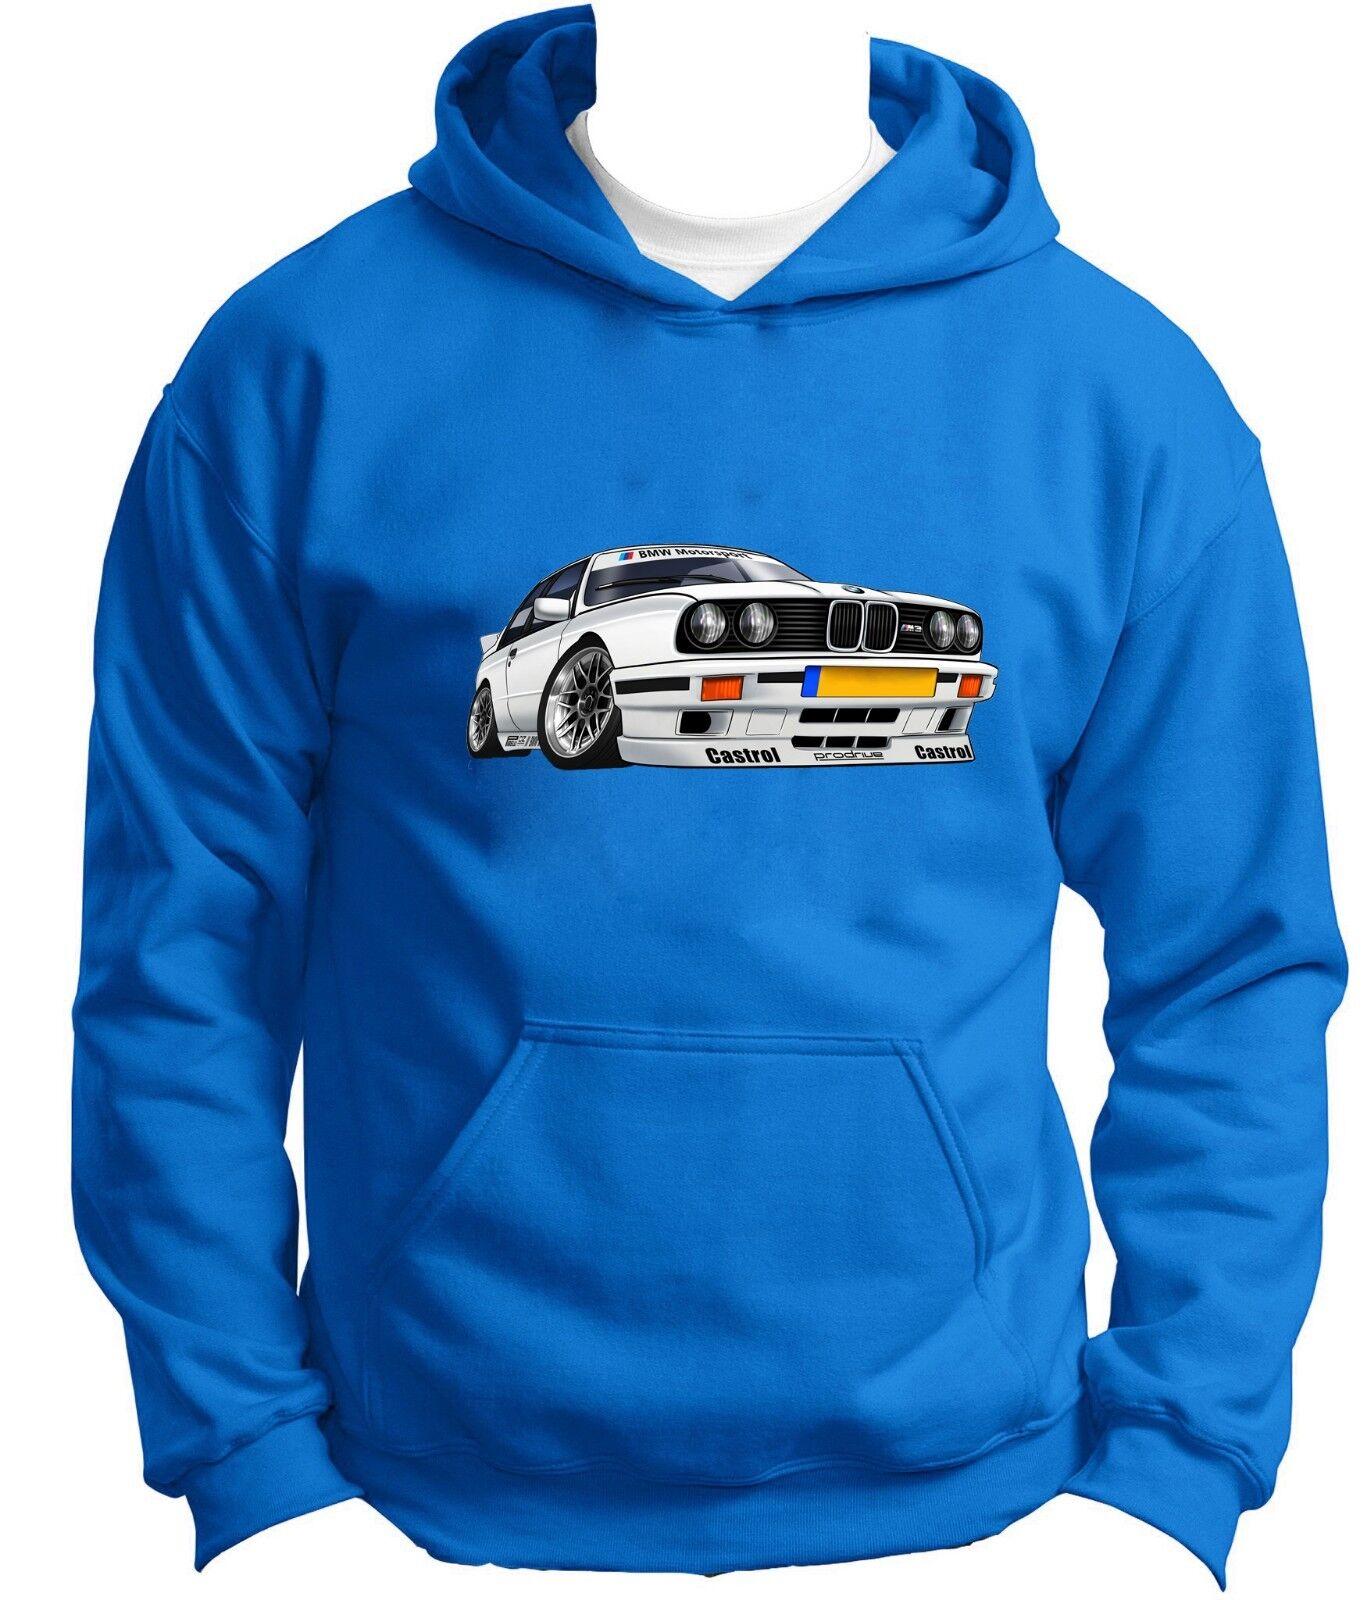 NEW BMW M3 Hoodie Hoody Hooded Sweatshirt Jumper Pullover